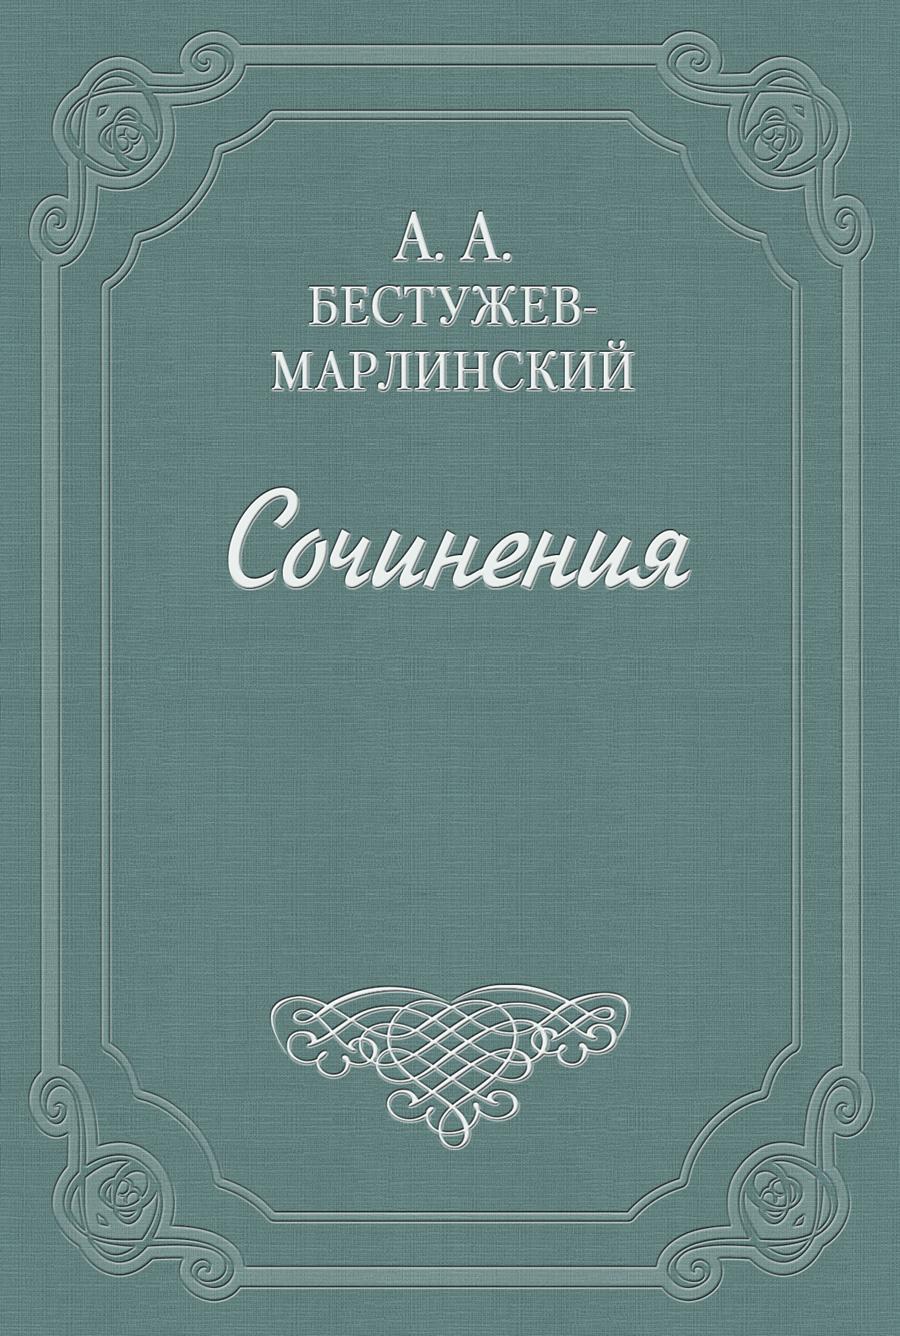 все цены на Александр Александрович Бестужев-Марлинский «Эсфирь», трагедия из священного писания... онлайн